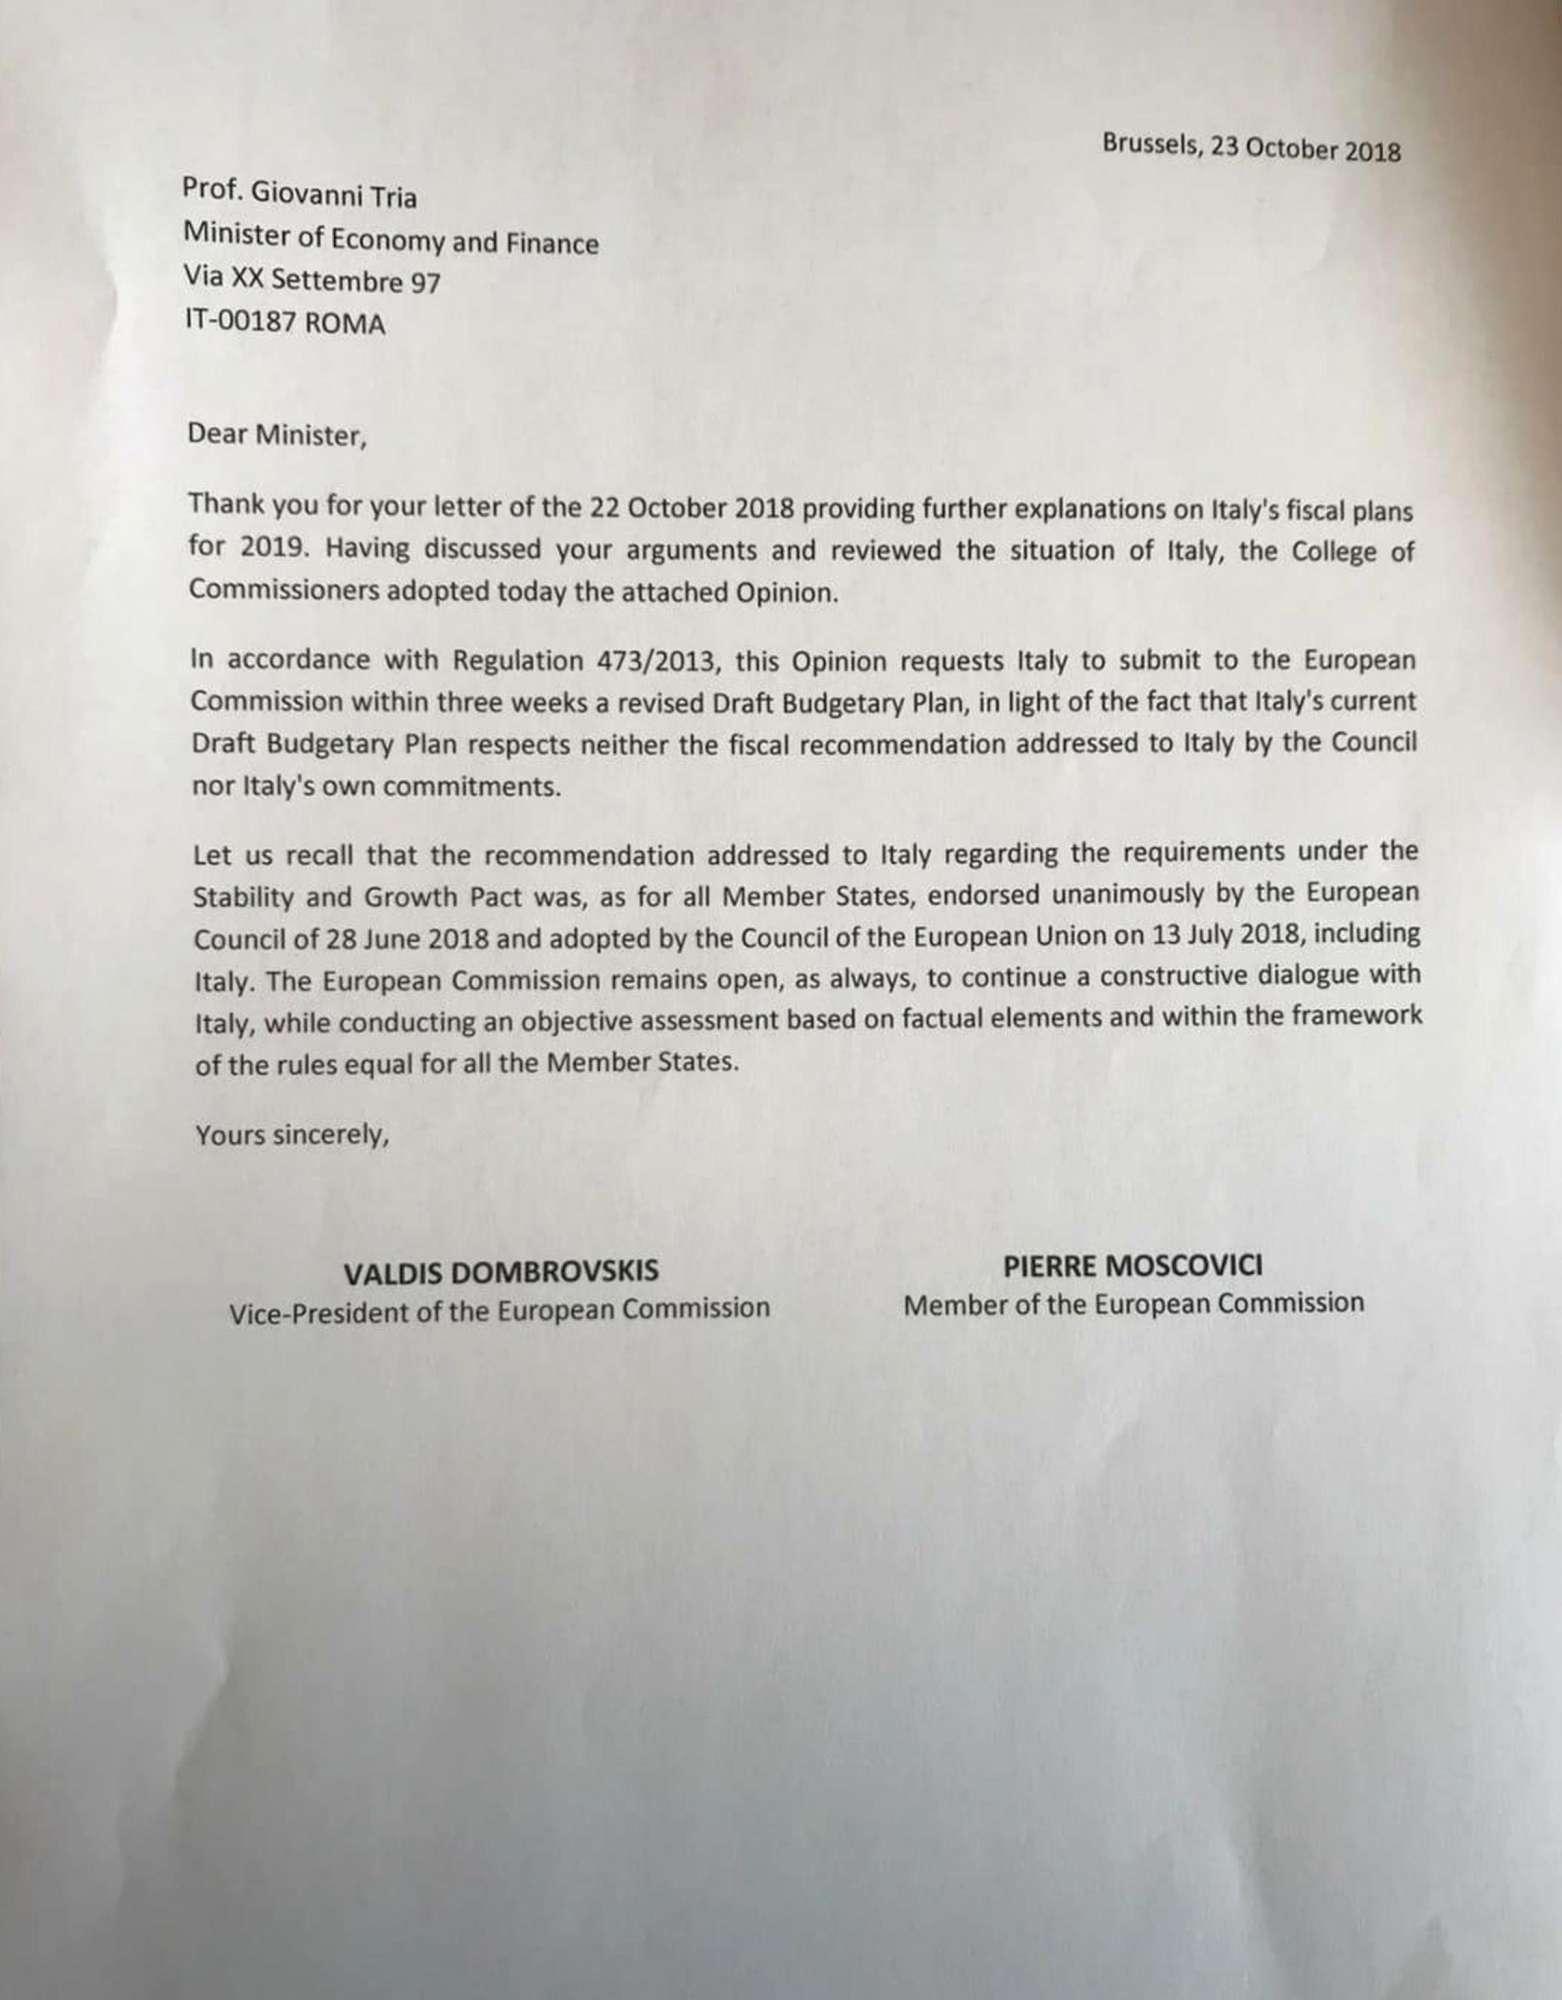 La Ue boccia la Manovra: ecco la lettera inviata al ministro Tria